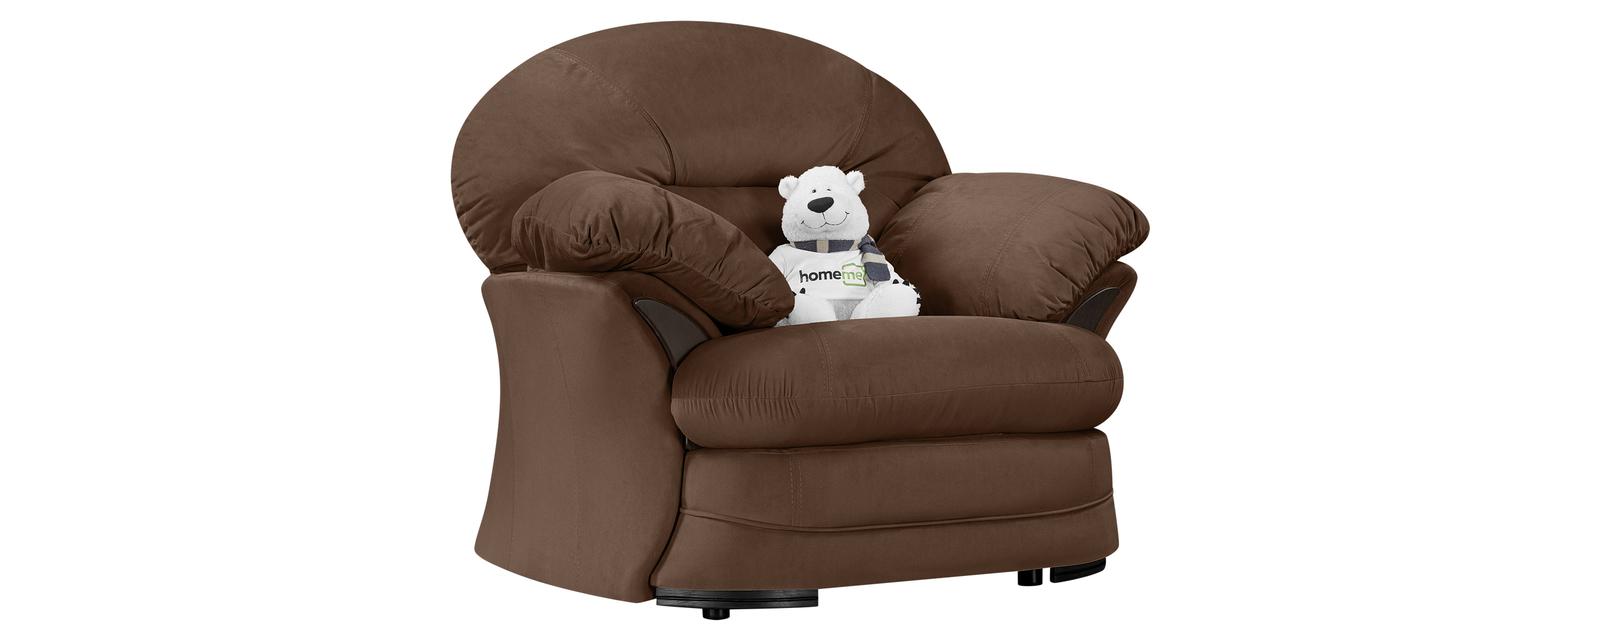 Кресло тканевое Ланкастер Velure темно-коричневый (Велюр) от HomeMe.ru